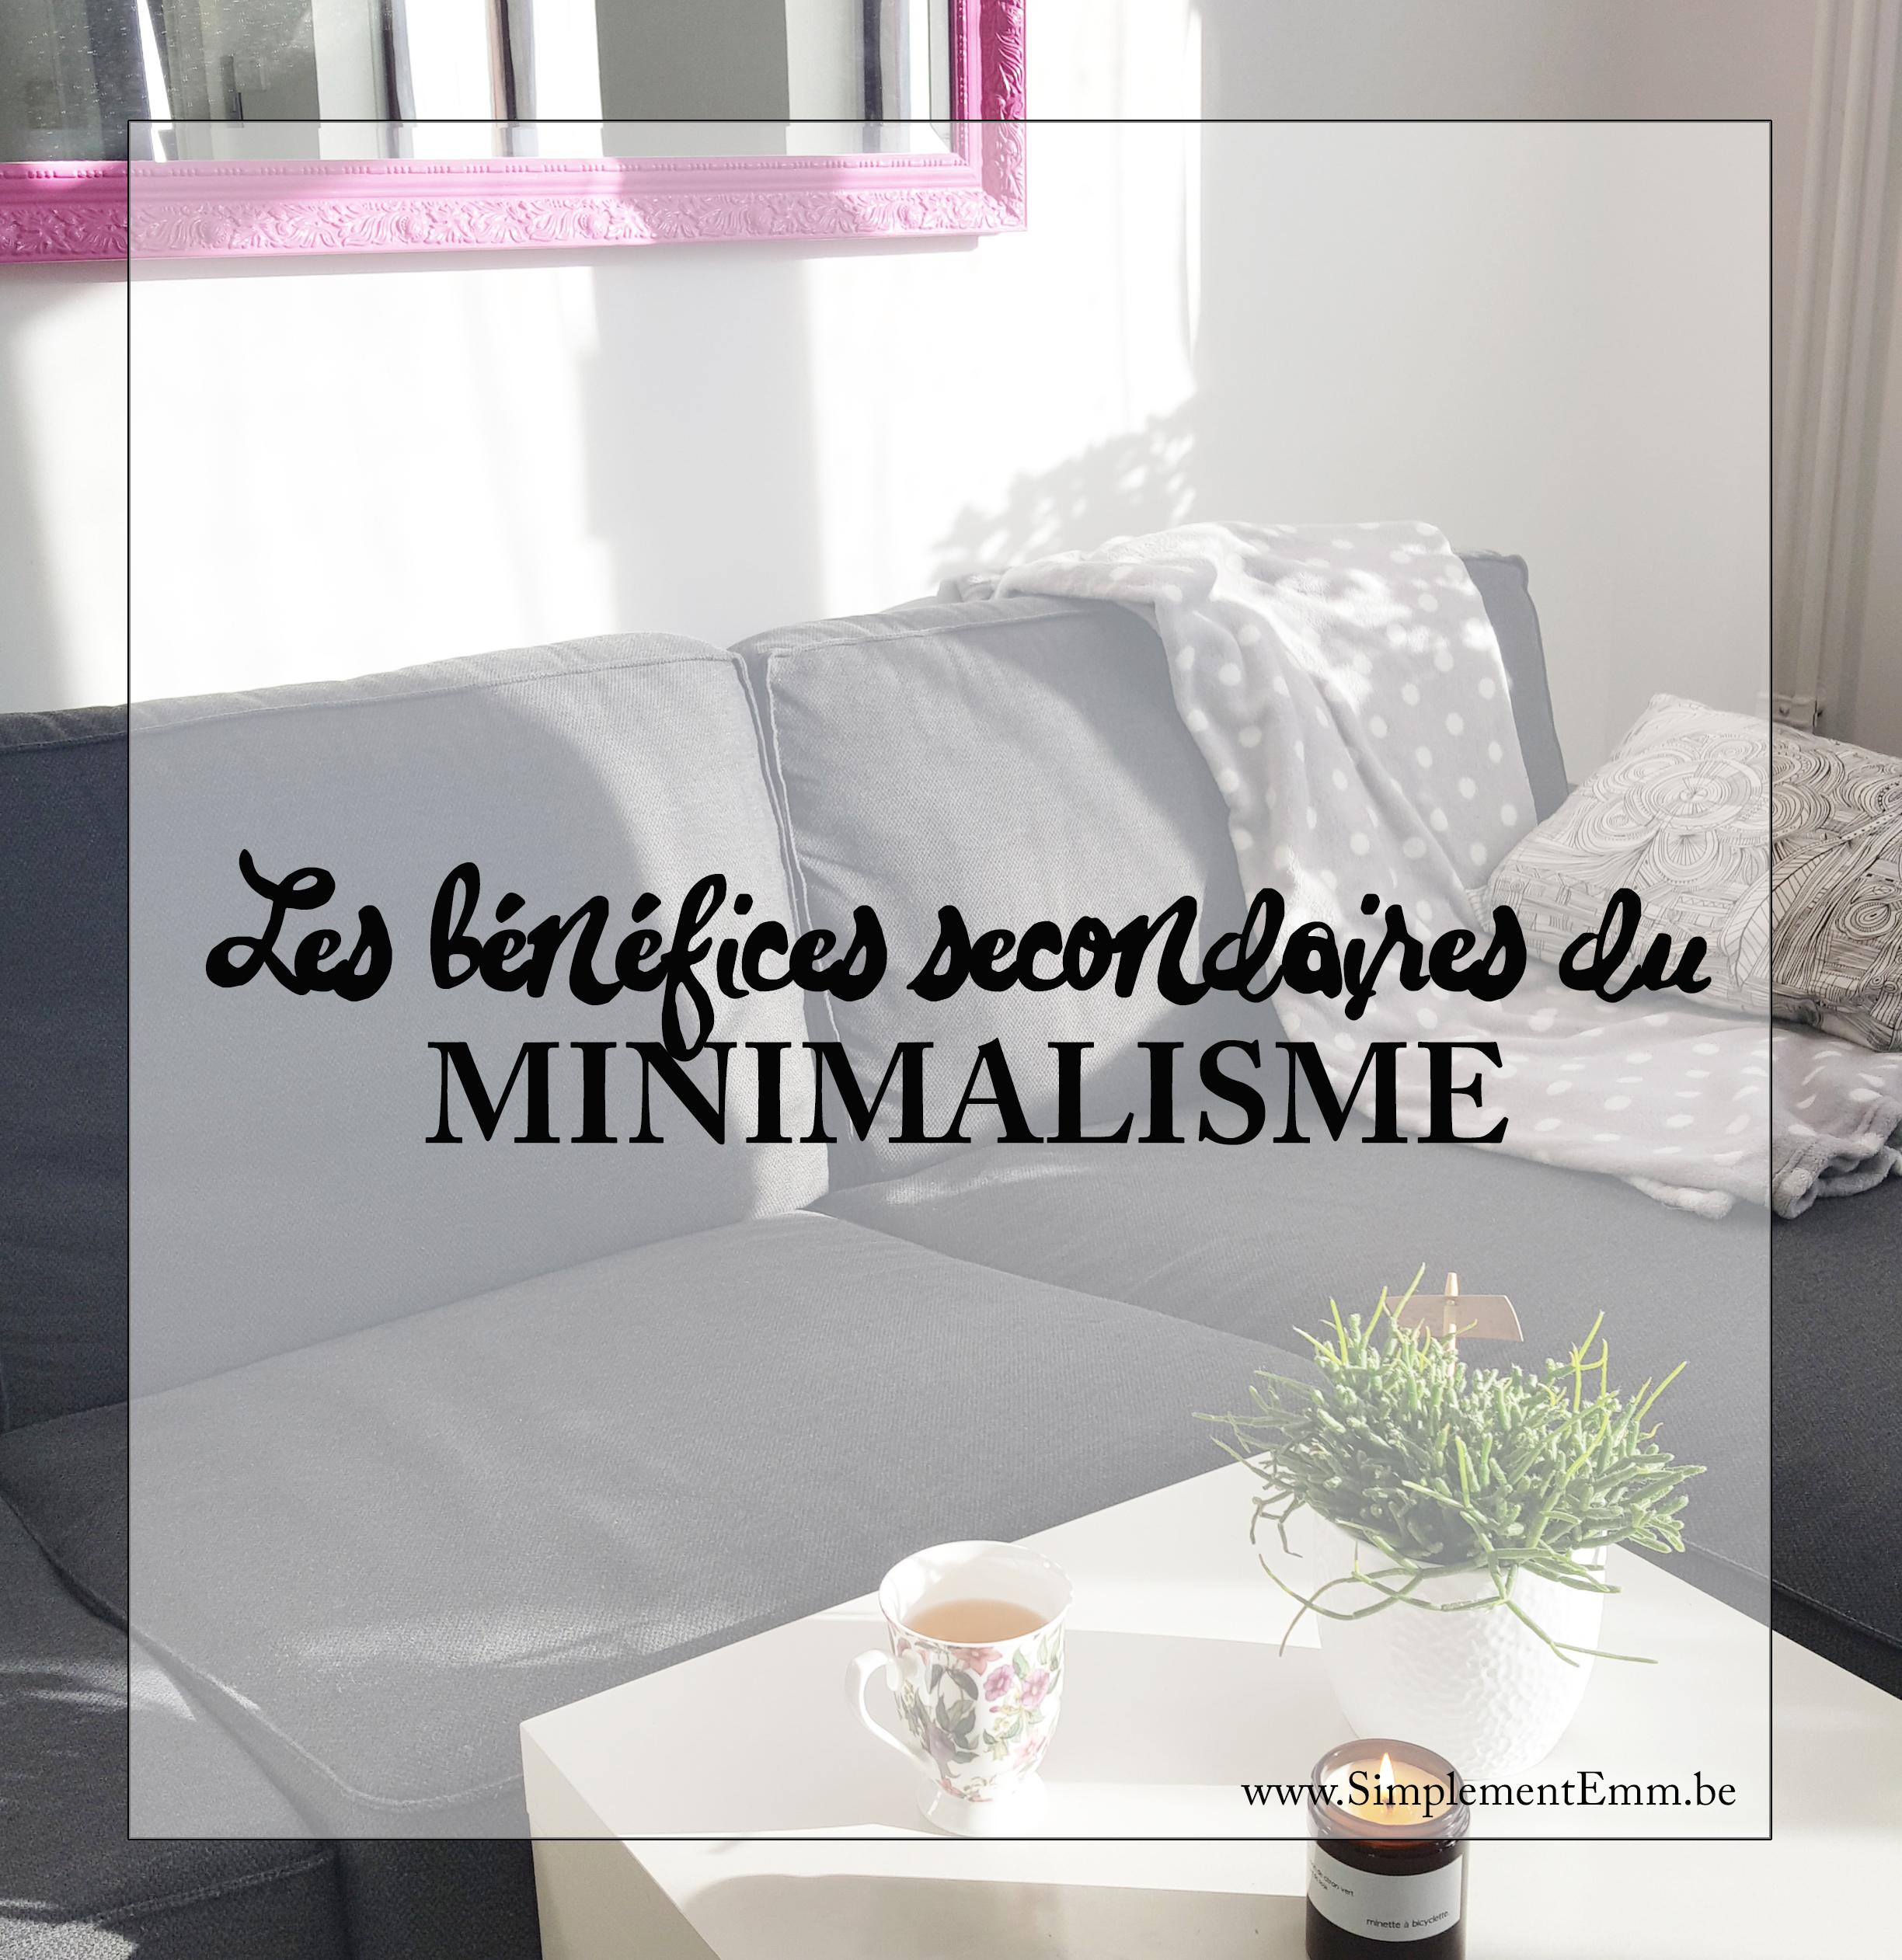 SimplementEmm bénéfices secindaires du minimalisme